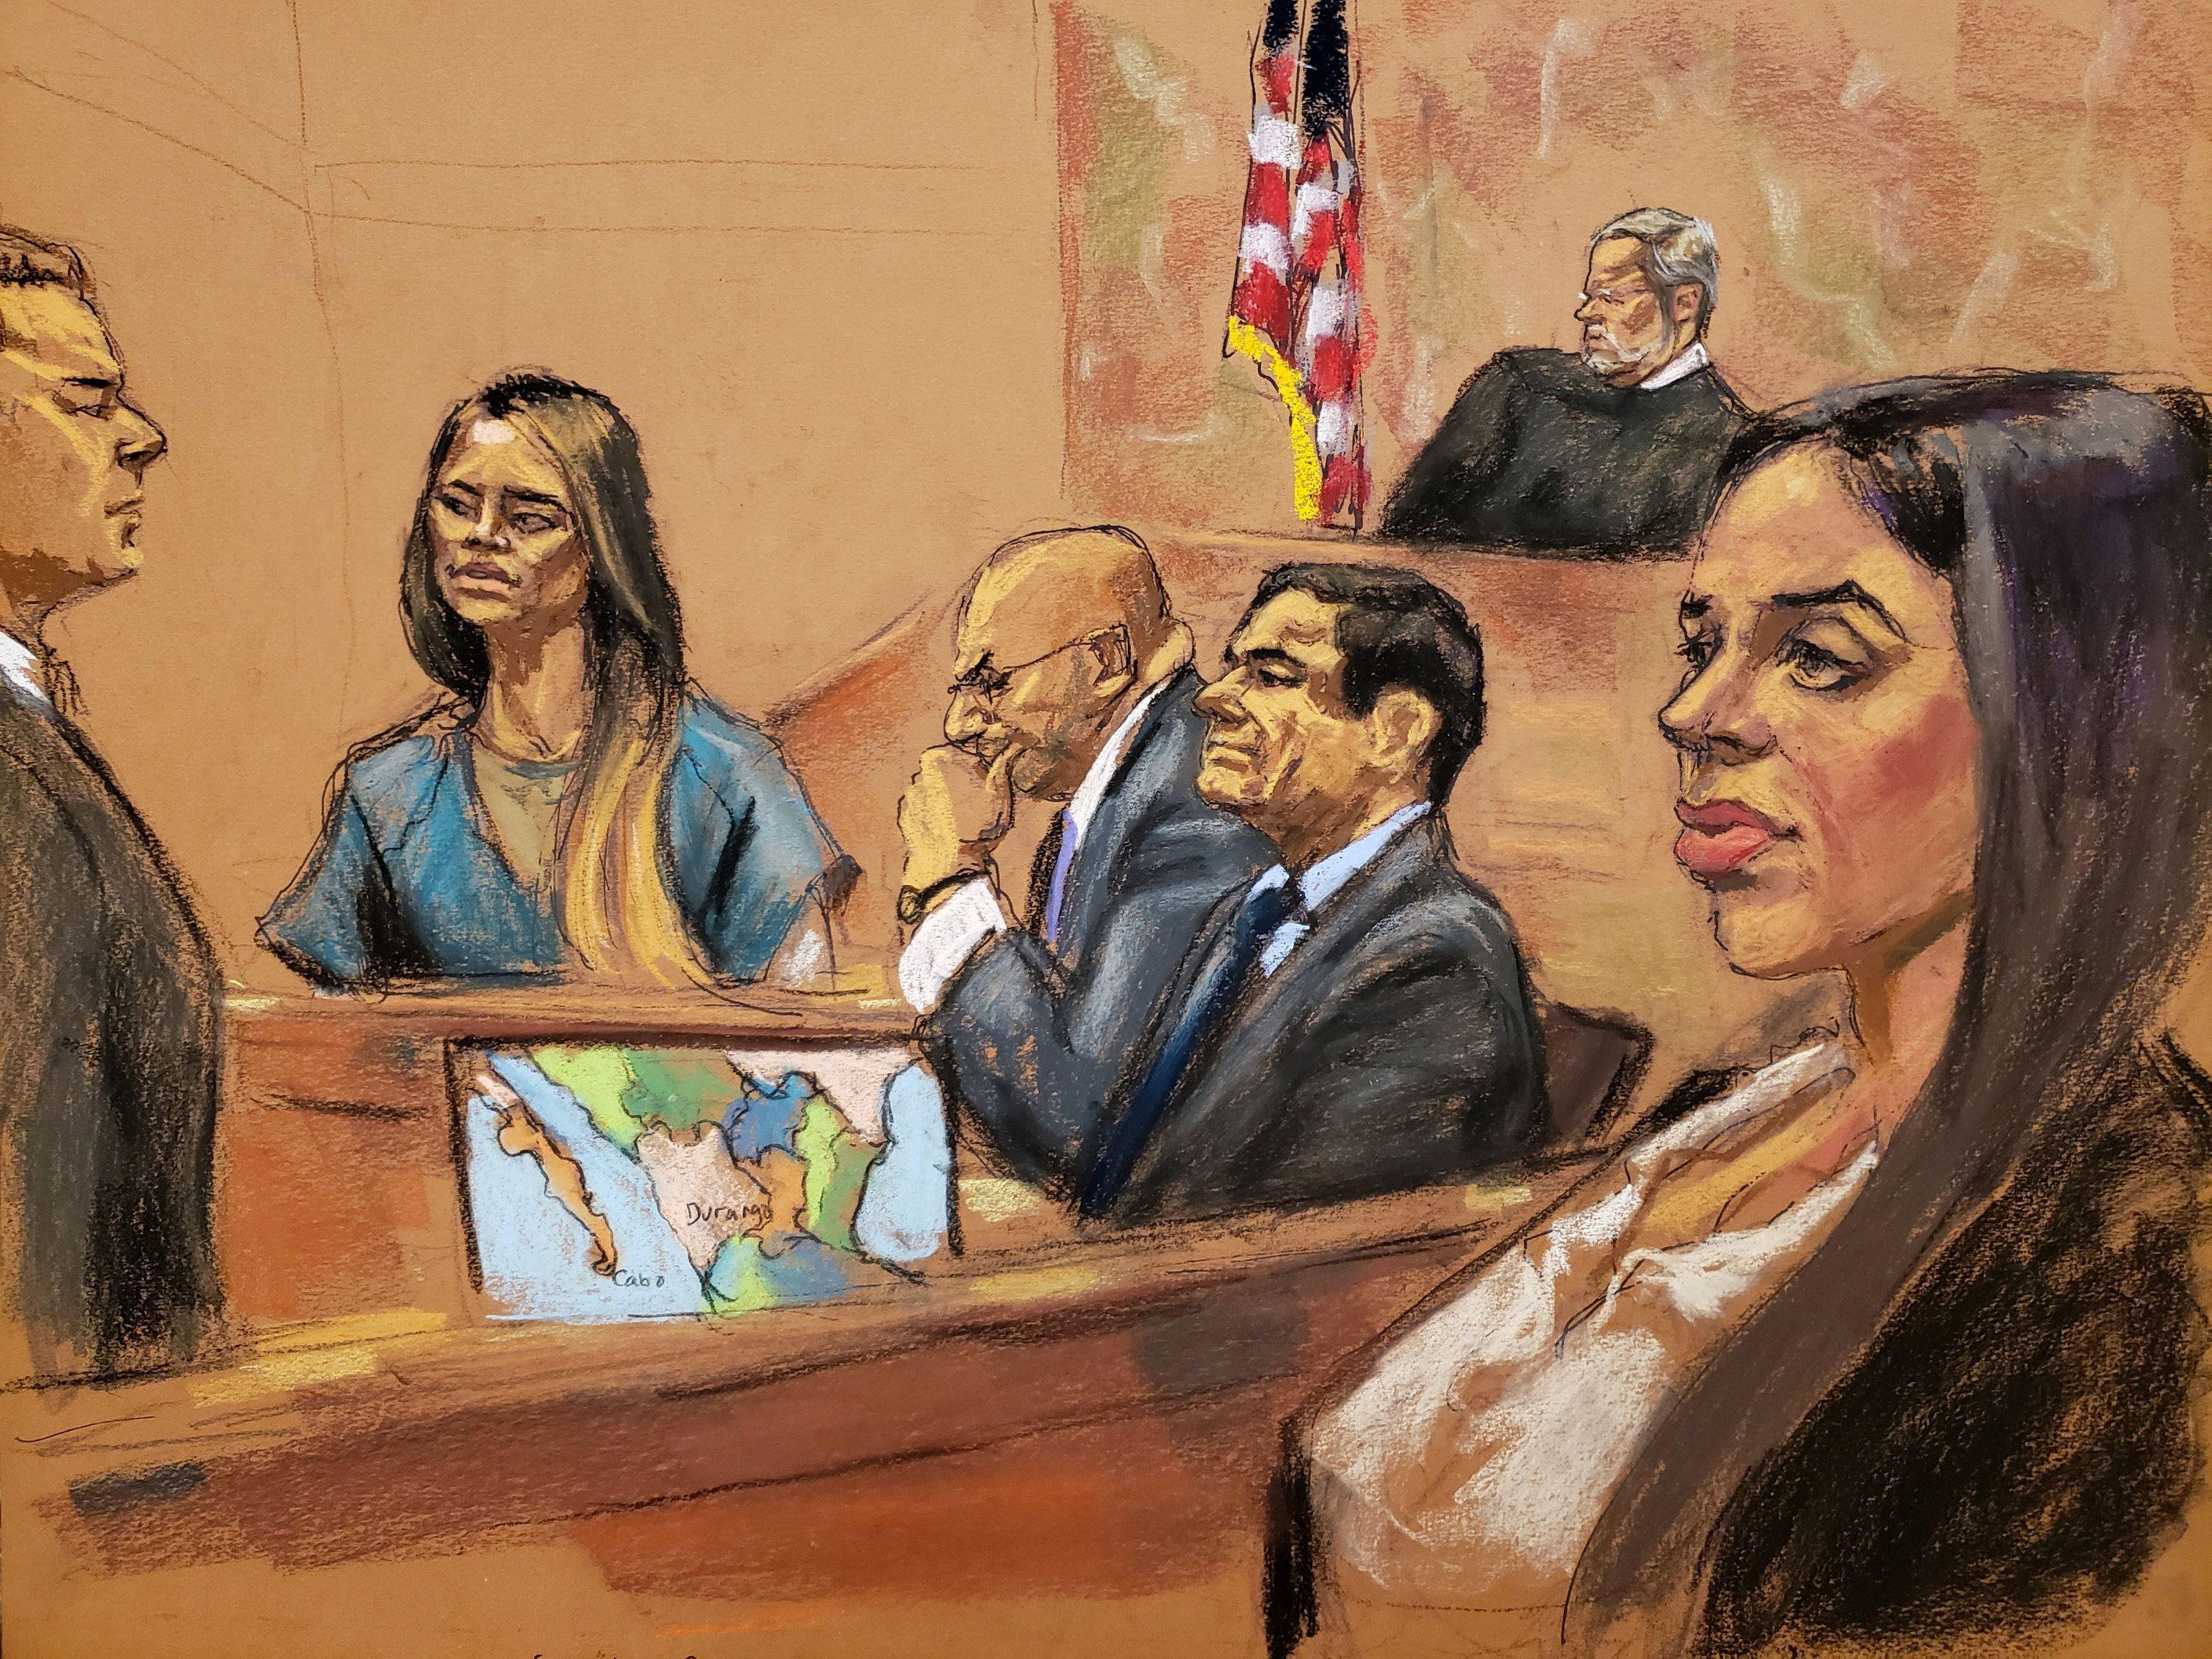 En el juicio del Chapo Guzmán, una de sus parejas fuera del matrimonio, Lucero Sánchez, declaró como testigo para con ello intentar reducir su condena (Foto: Archivo)